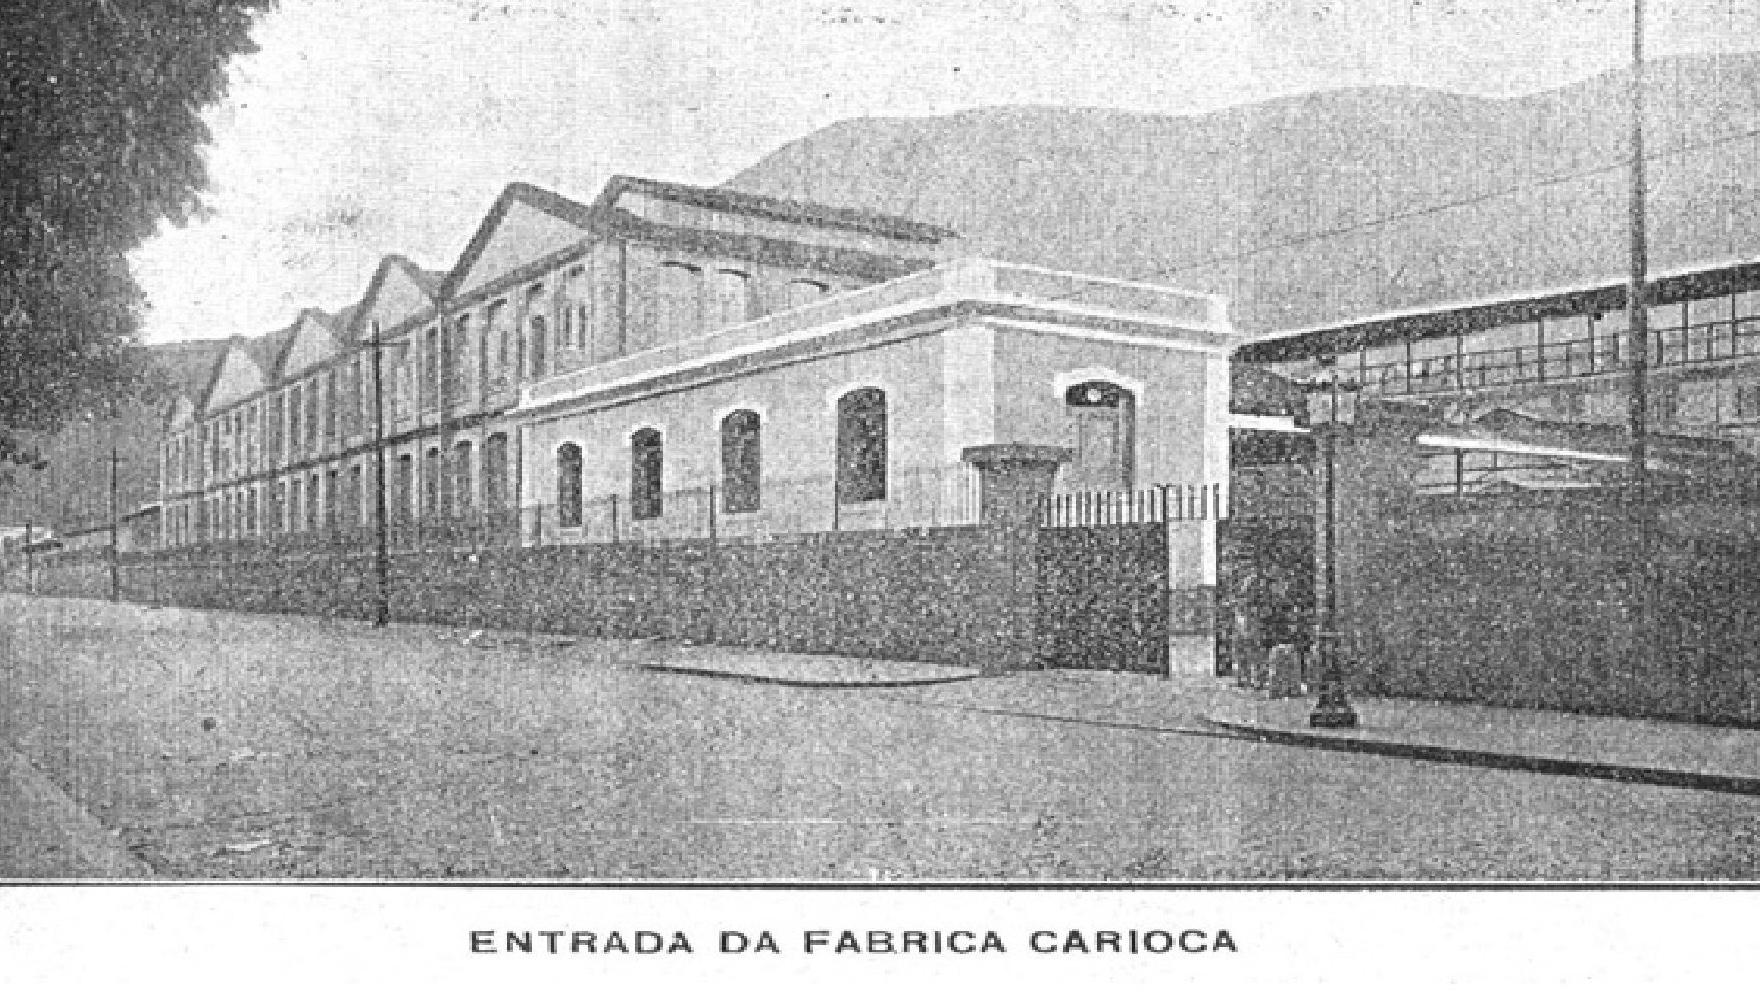 Lugares de Memória dos Trabalhadores #48: Vilas Operárias do Horto, Rio de Janeiro (RJ) – Mariana Costa